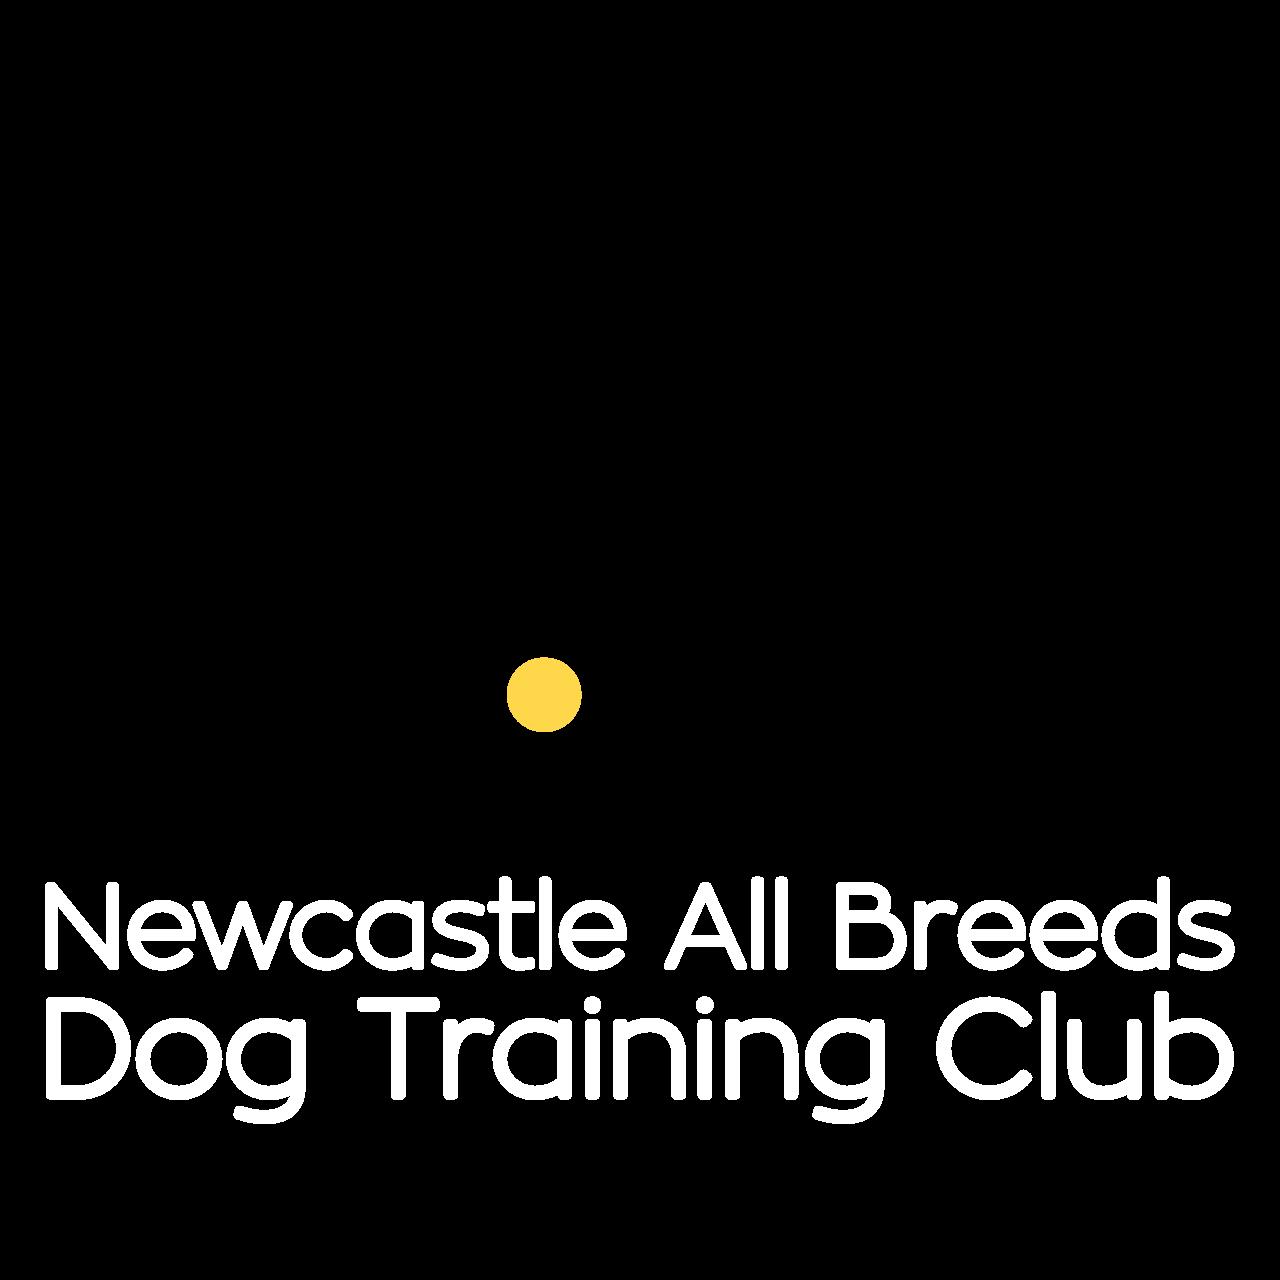 Newcastle All Breeds Dog Training Club